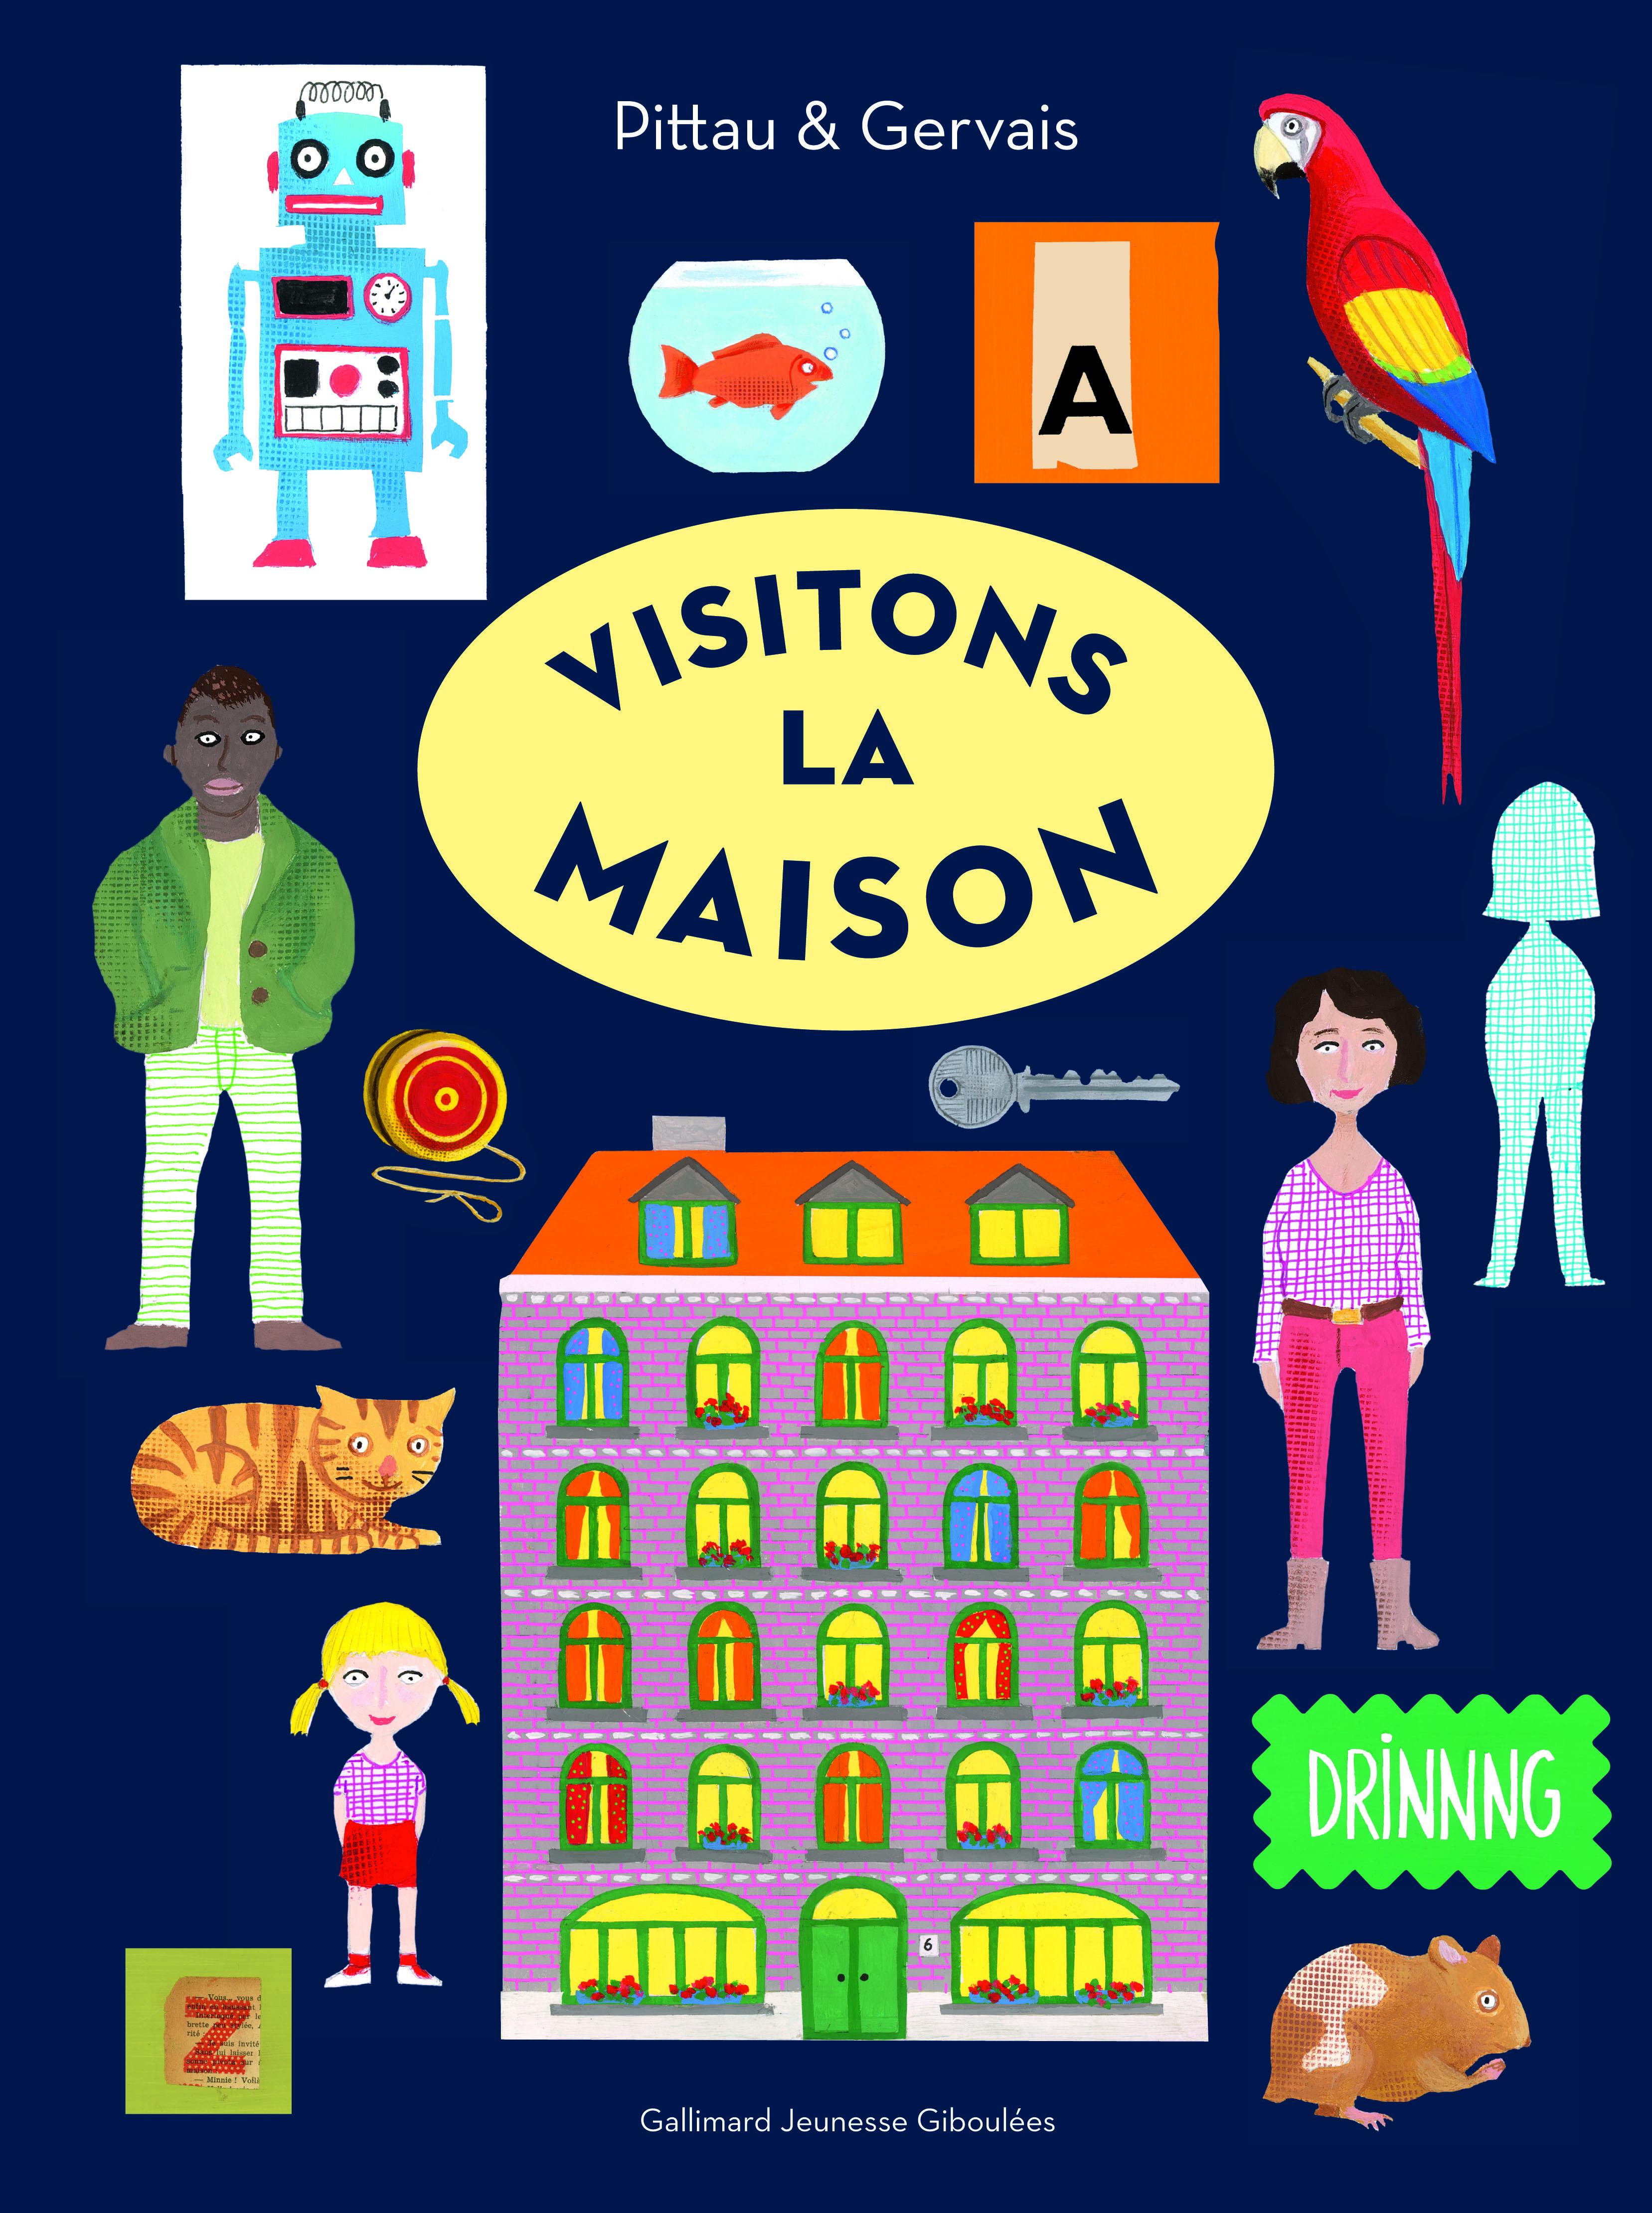 VISITONS LA MAISON